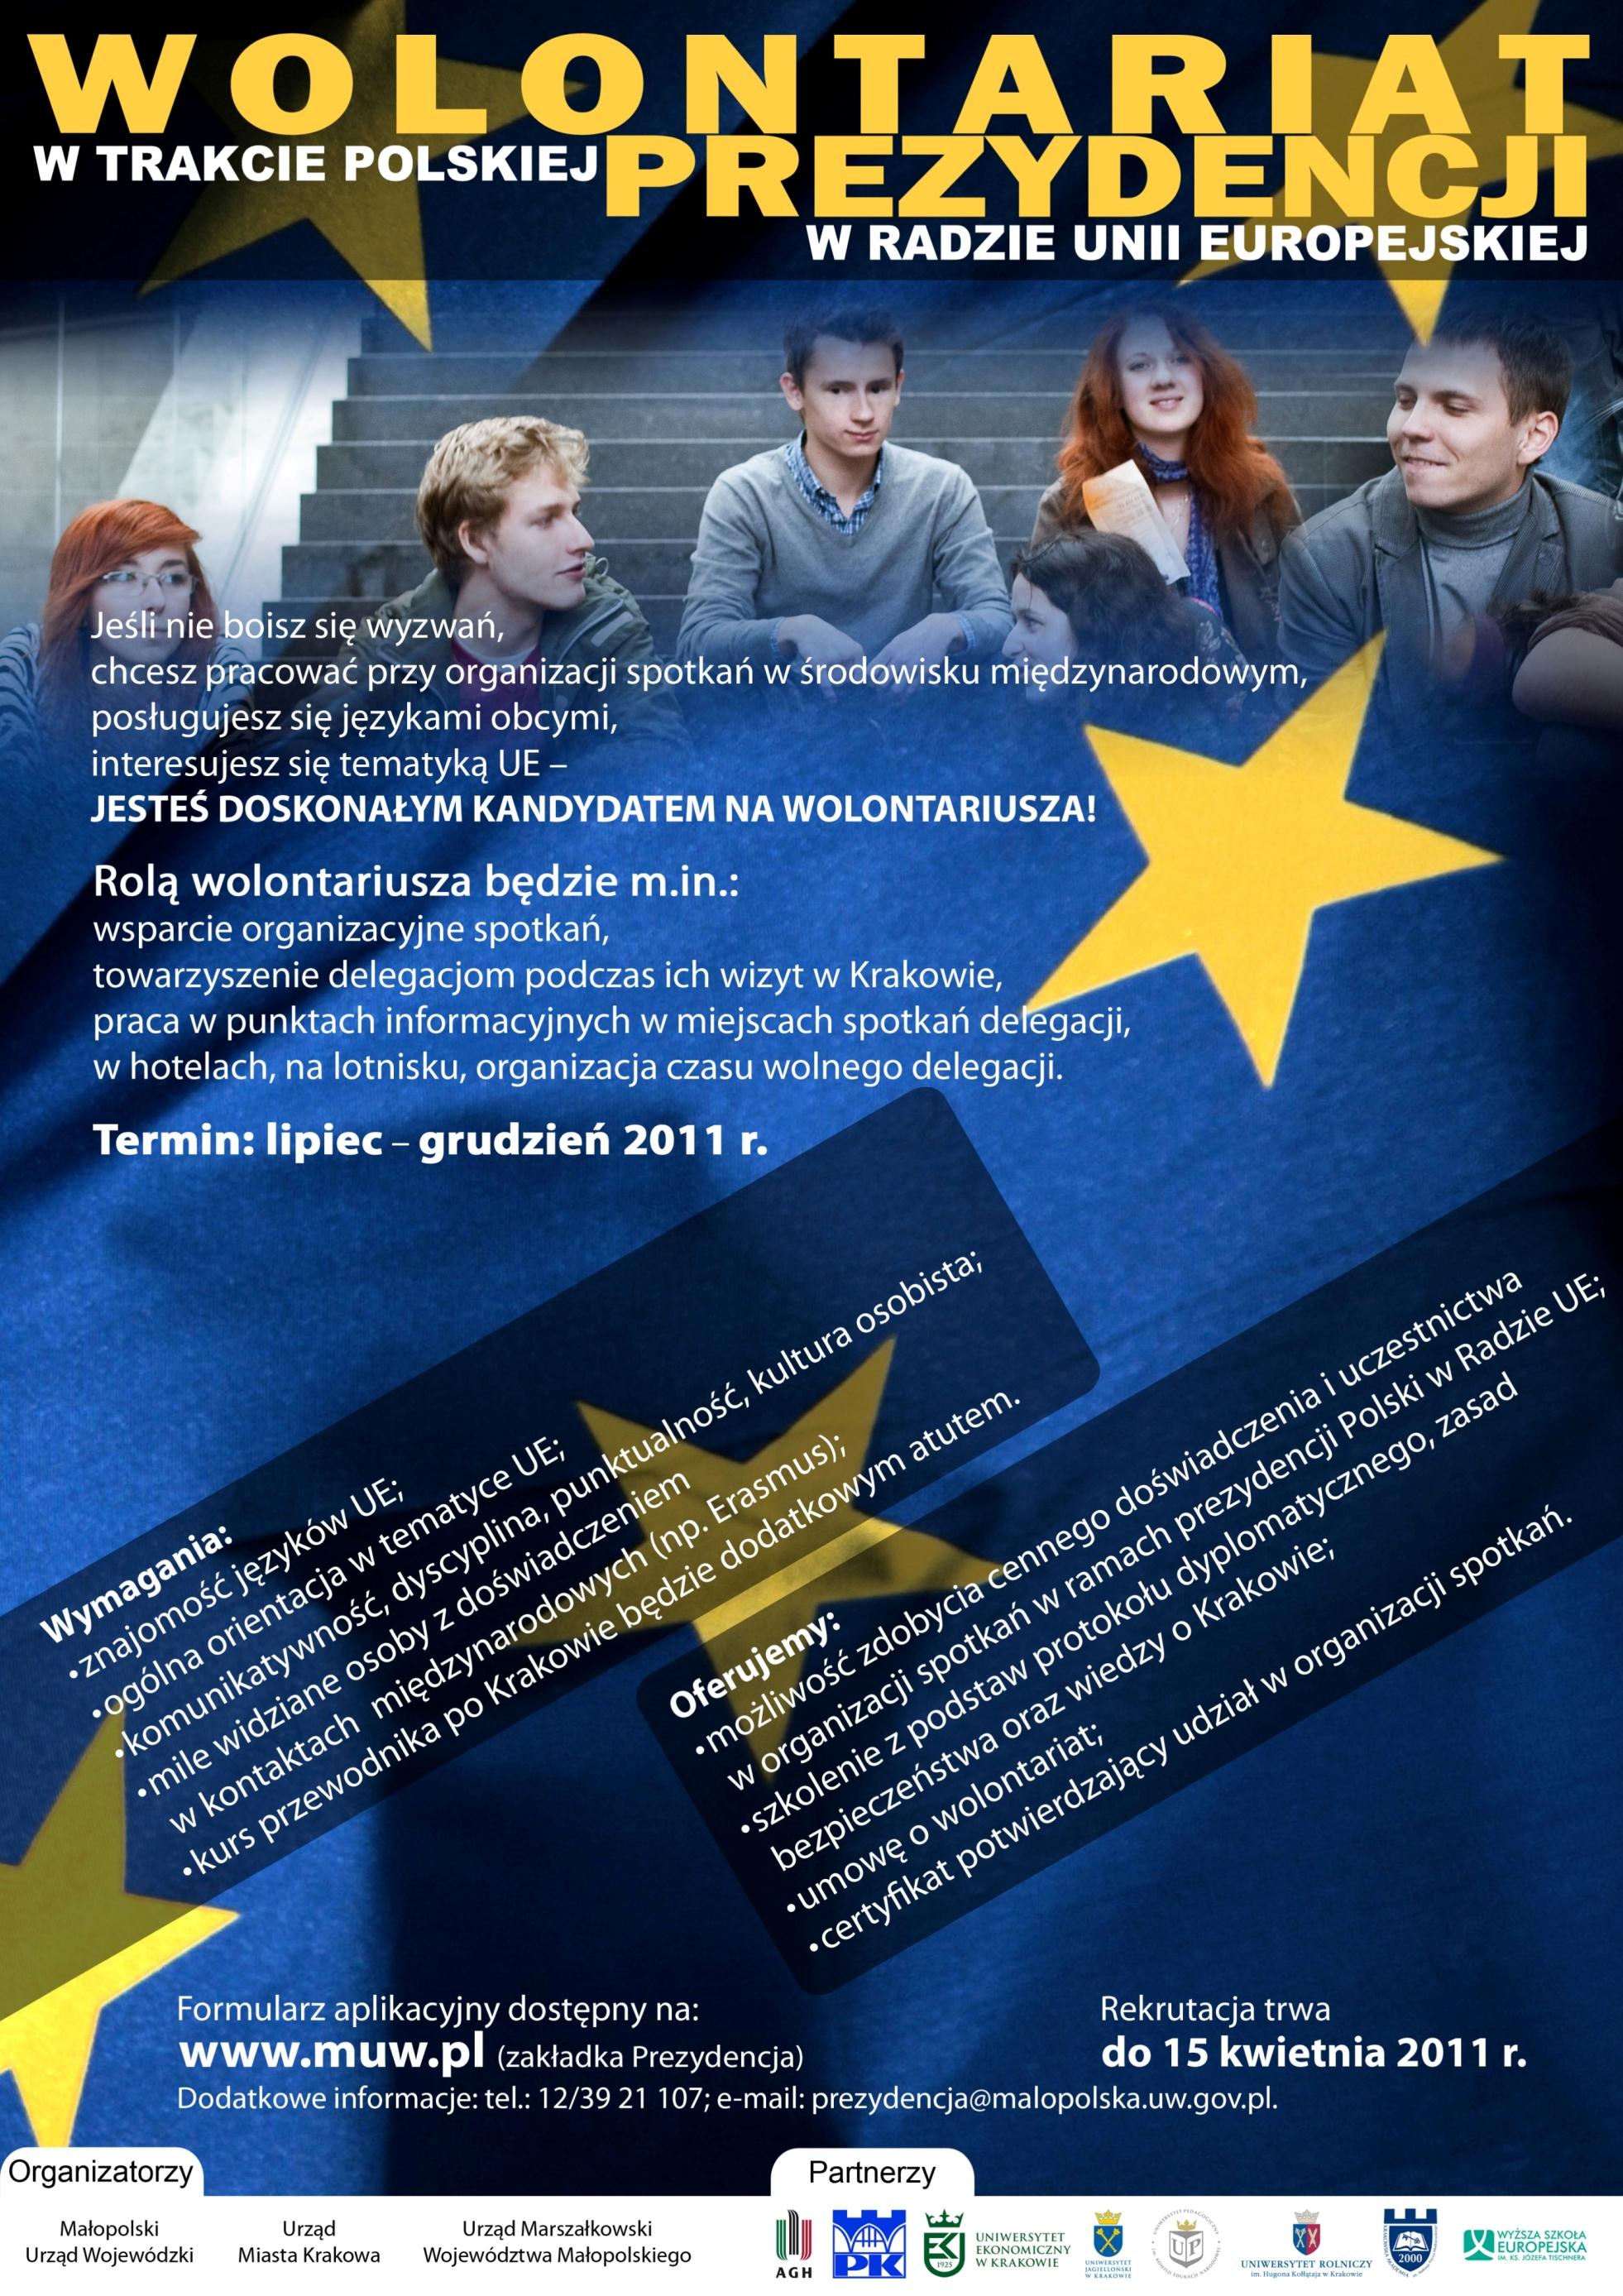 Rusza nabór wolontariuszy, którzy pomagać będą w organizacji prezydencji Polski w Radzie Unii Europejskiej